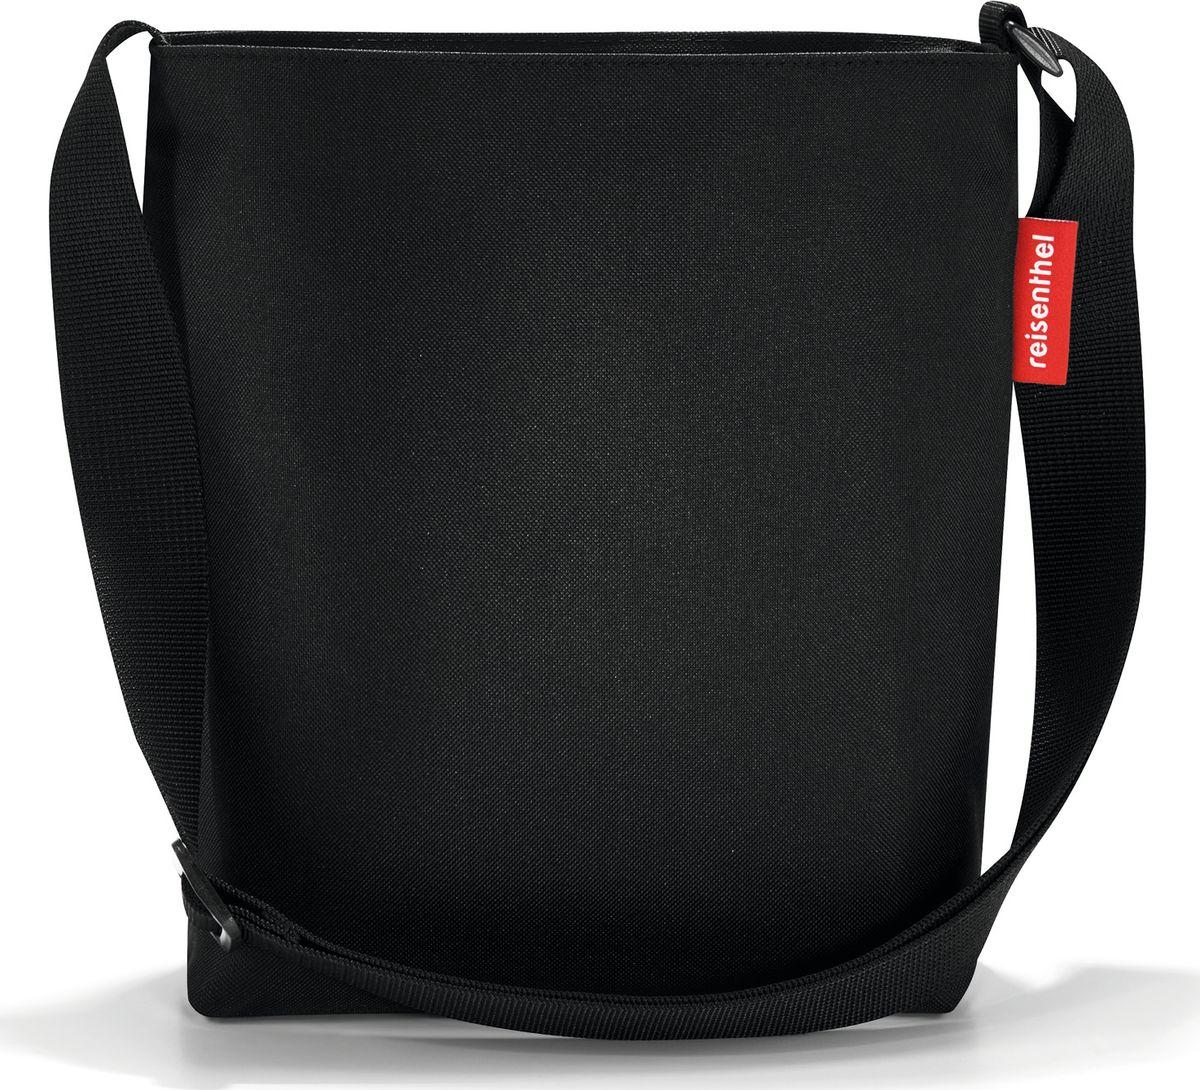 Сумка женская Reisenthel Shoulderbag S, цвет: черный. HY7003L39845800Простая, но очень вместительная сумка через плечо. Застегивается на молнию. Широкий удобный ремень регулируемой длины. Внутри - дополнительный карман на молнии.